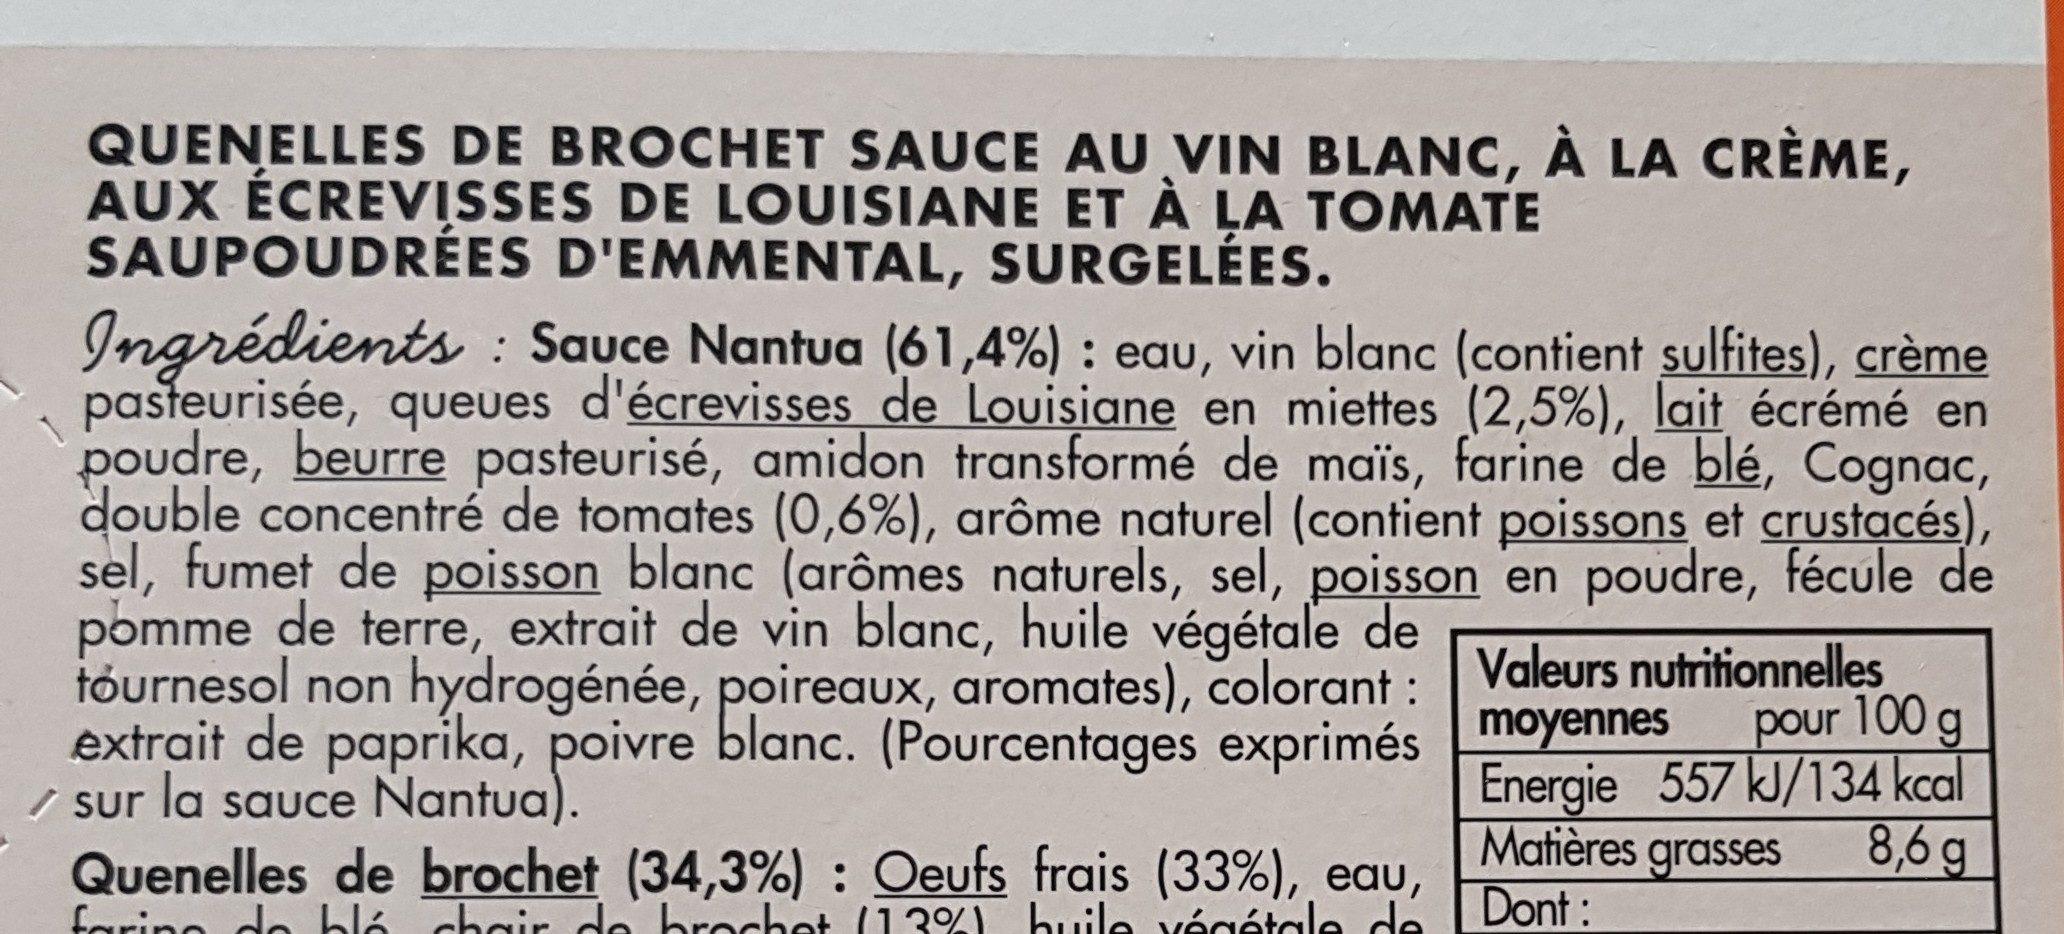 Quenelles de brochet sauce nantua - Ingredients